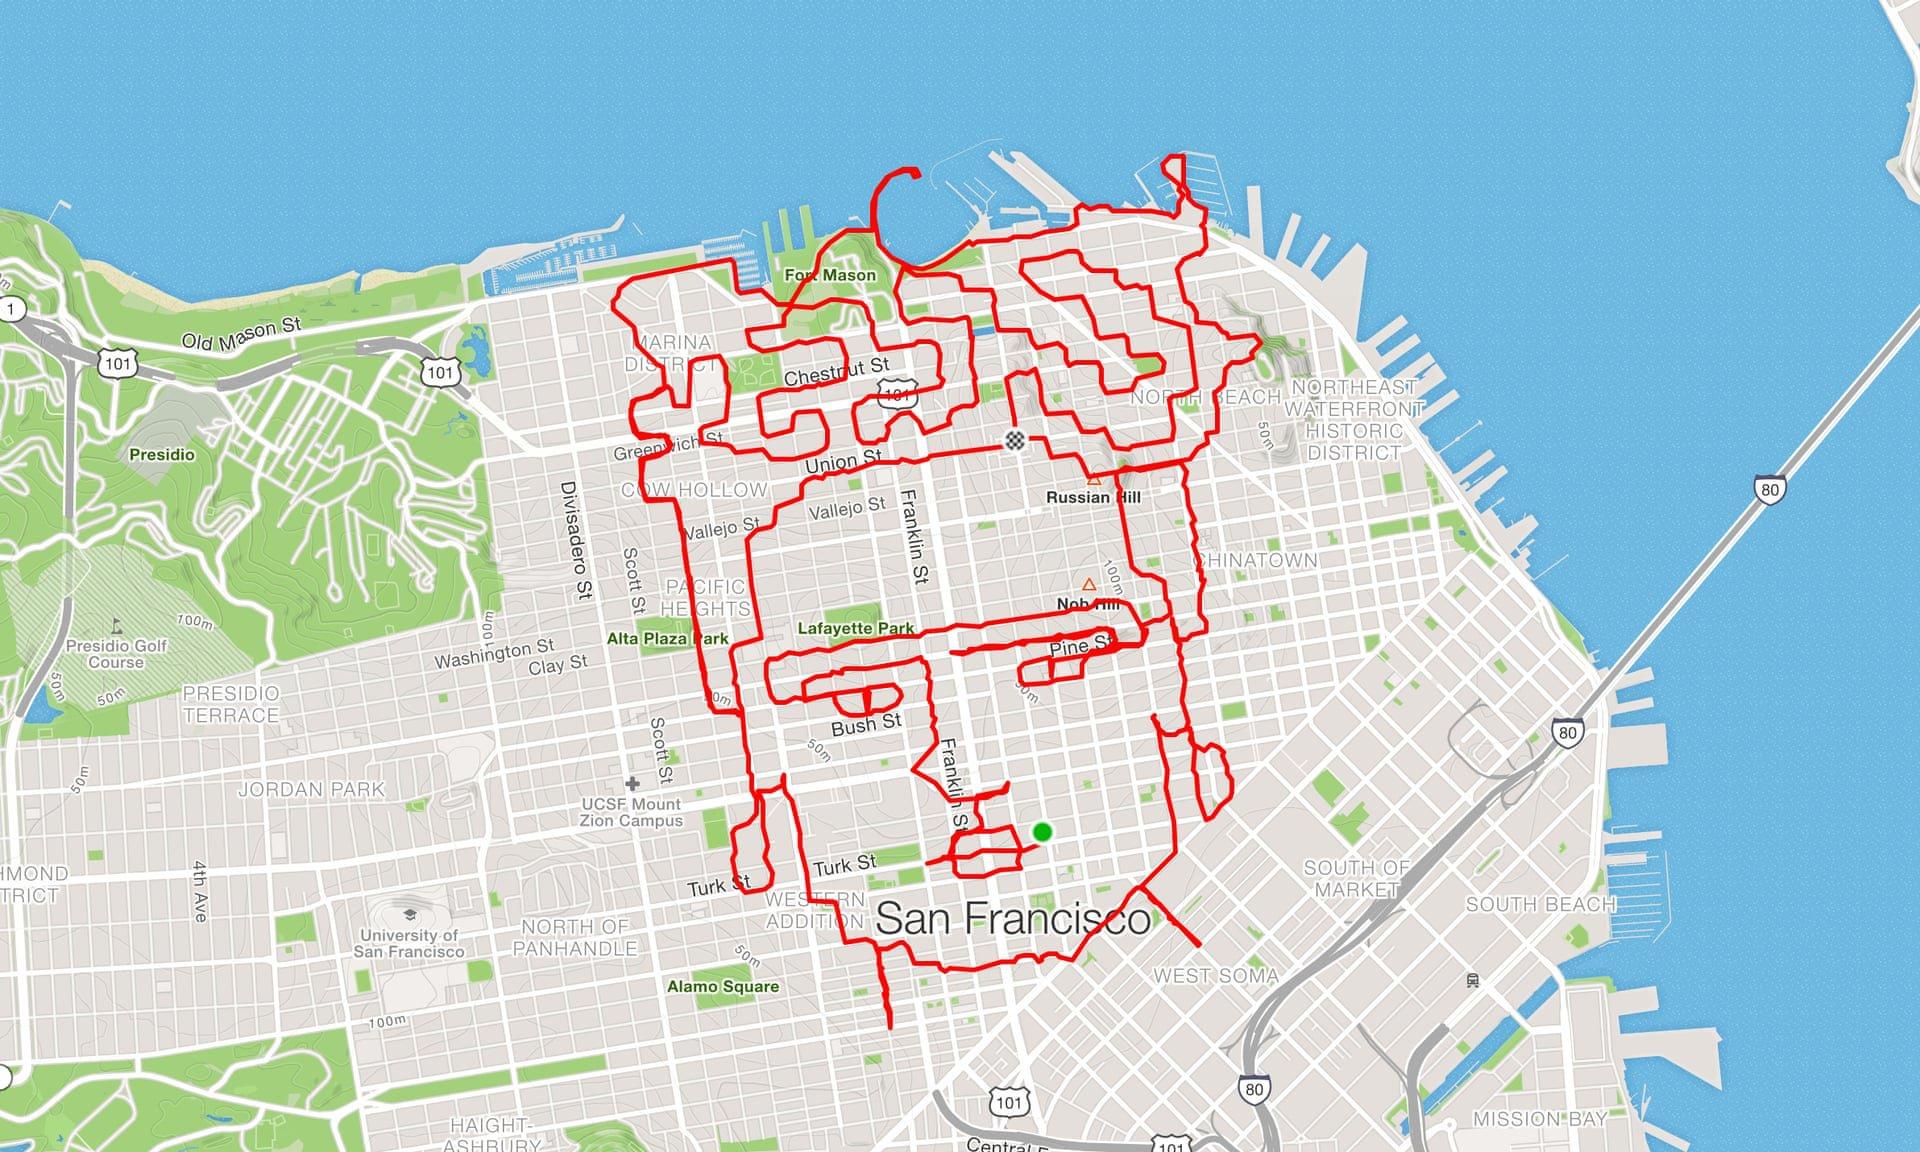 Disegnare in corsa: il gioco di un runner per realizzare opere d'arte con gli allenamenti